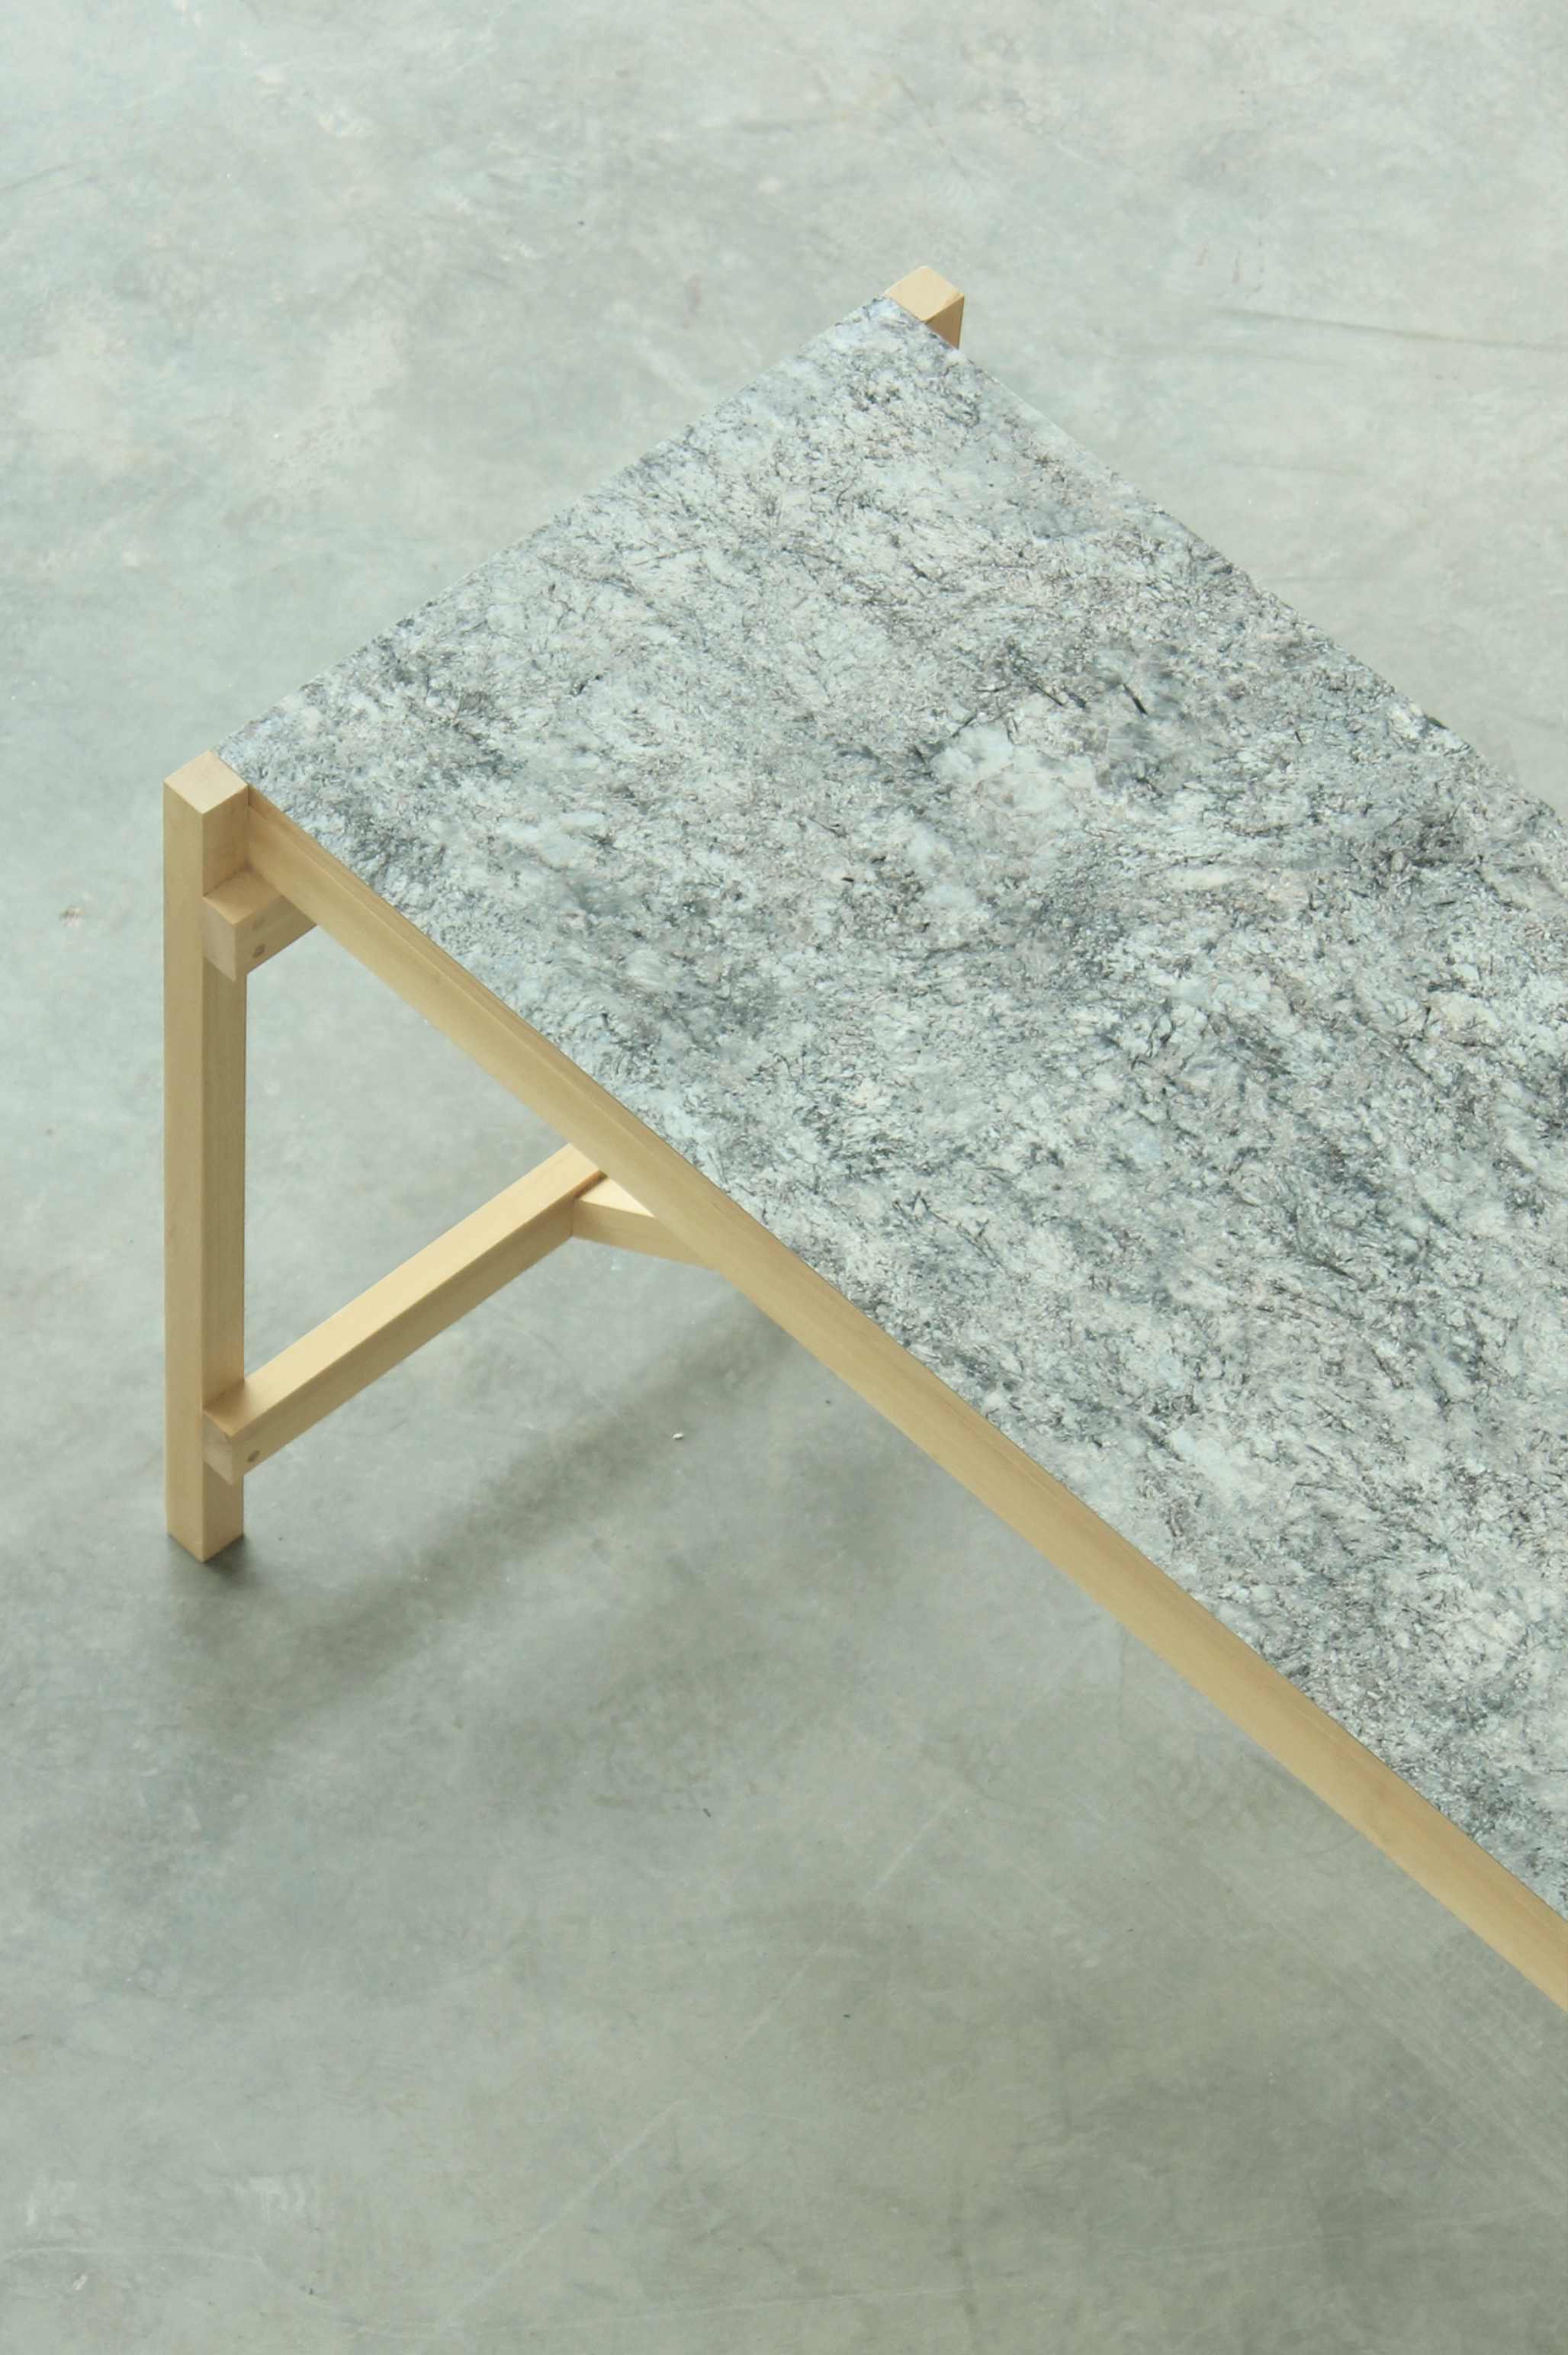 MM1700   MM2000   Estructura de madera maciza de guatambú. Sistema de ensamble con bandeja intermedia.  Dimensiones: - 1700 x 850 x 600 - 2000 x 850 x 700  Material de tabla: mármol/vidrio/formica